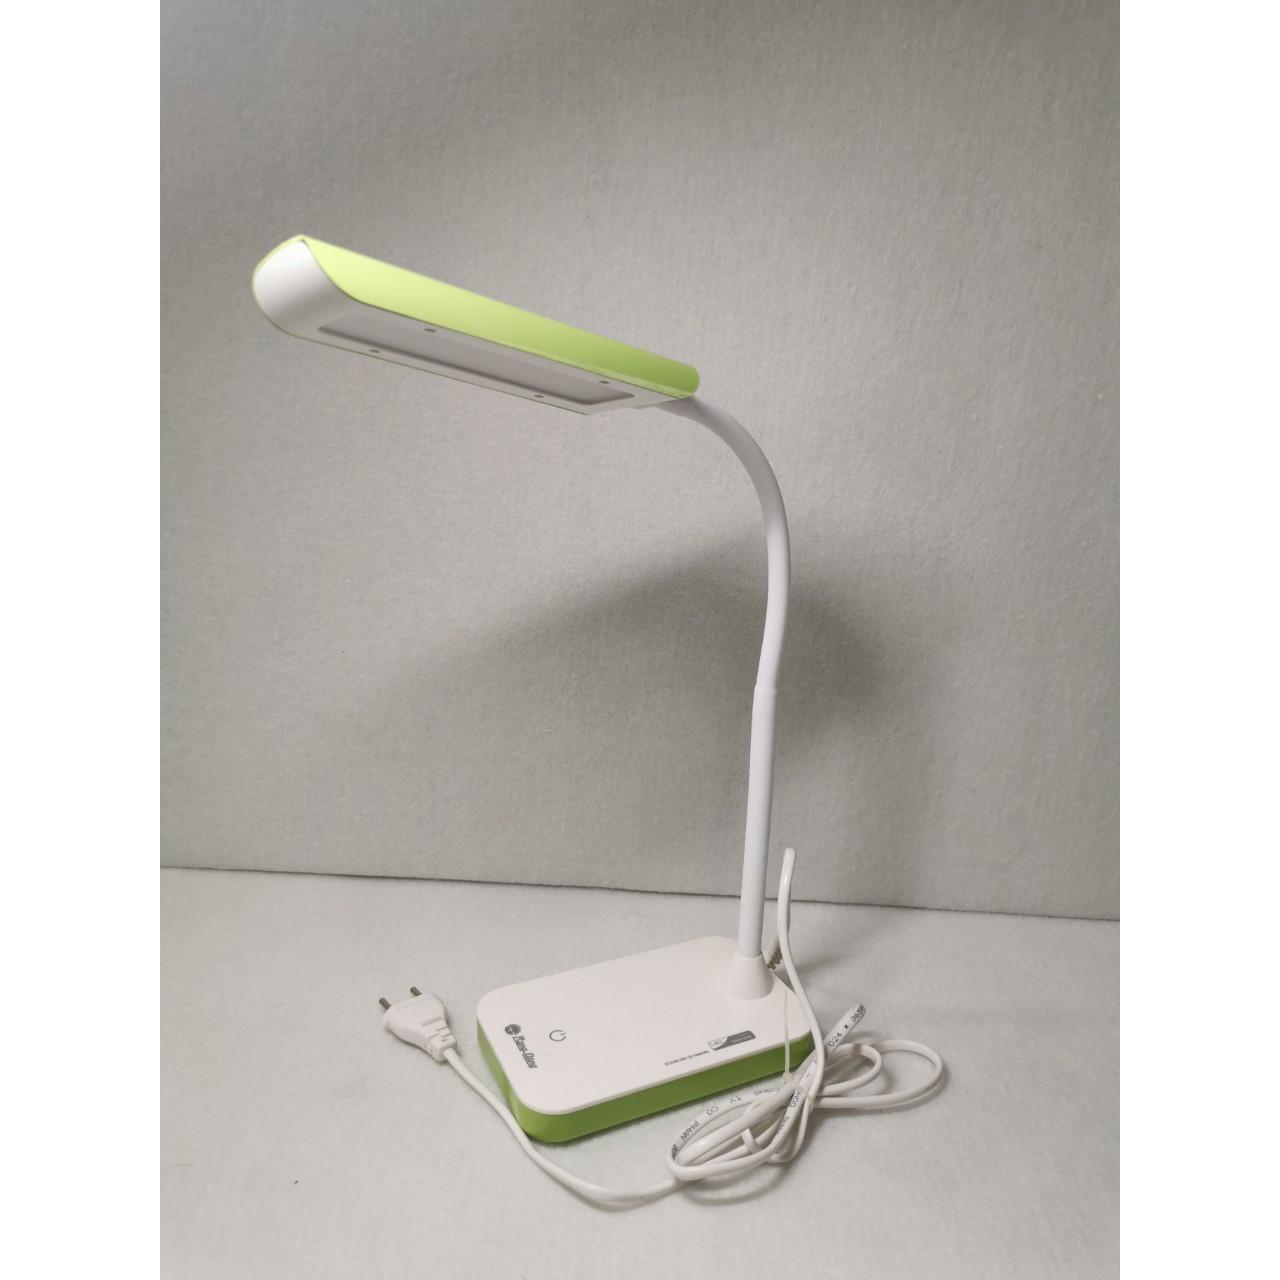 Đèn bàn học cảm ứng cao cấp Rạng Đông Model RD-RL-20.LED - Chính hãng, bảo vệ thị lực, chỉnh góc,bóng Led, điều chỉnh cường độ ánh sáng